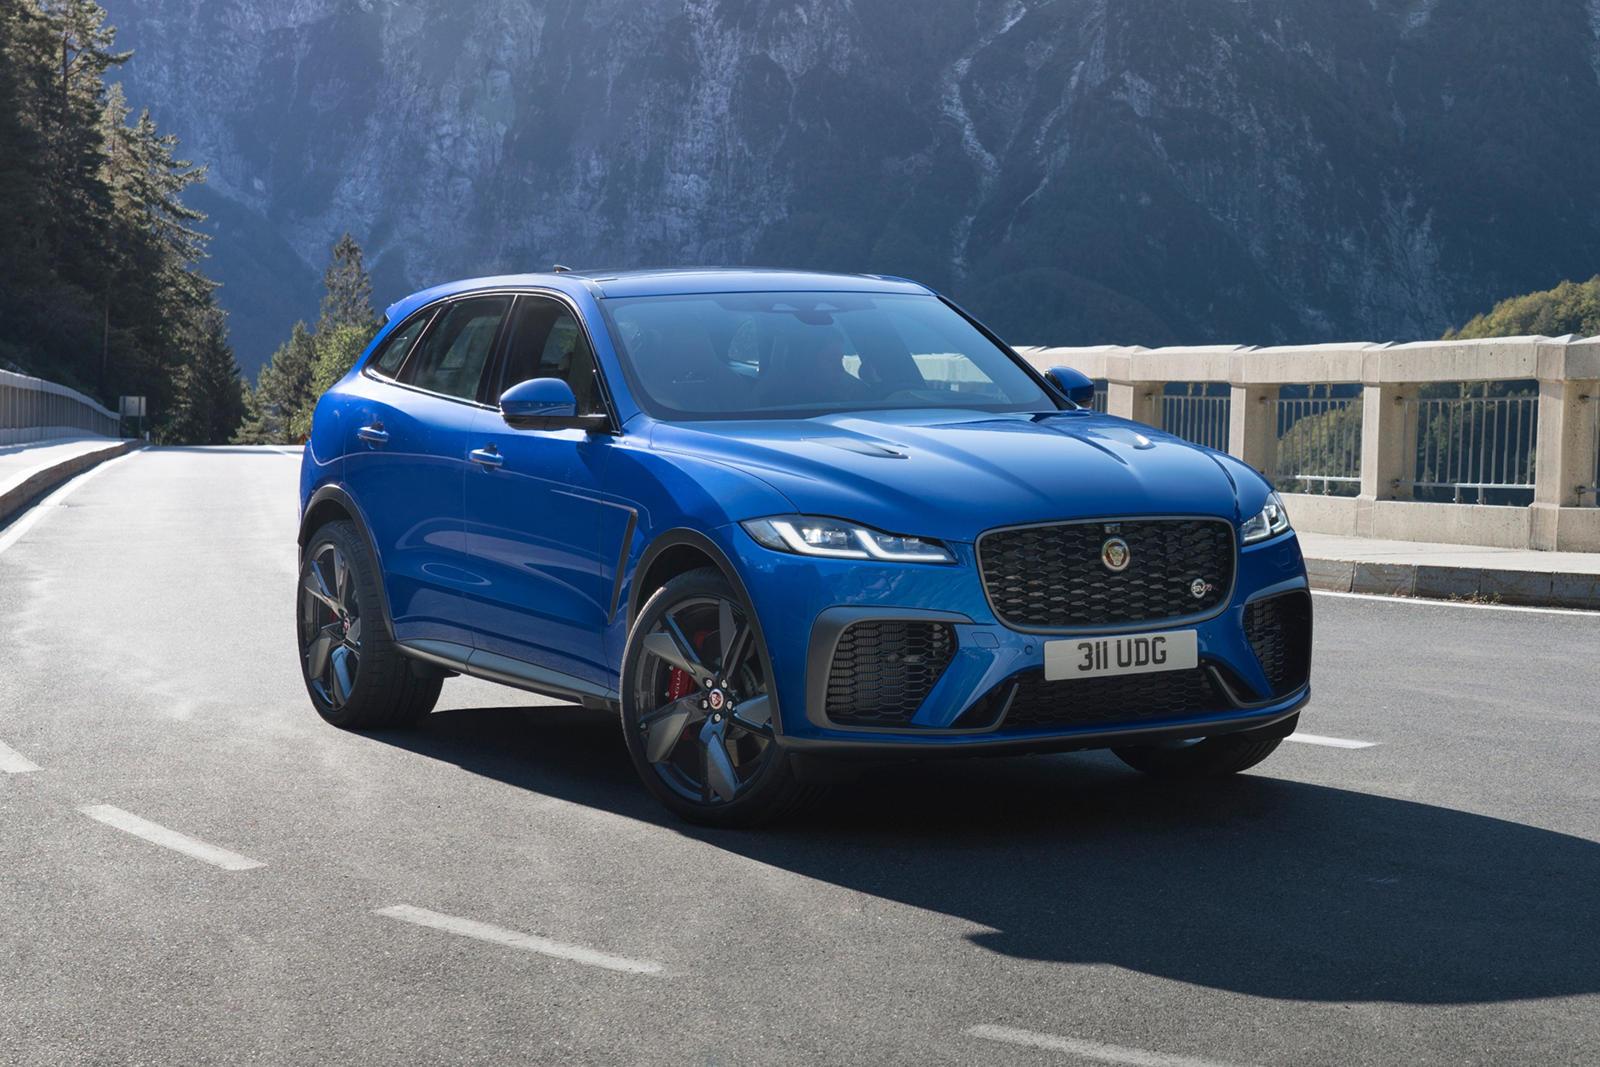 2021 jaguar f-pace svr: review, trims, specs, price, new